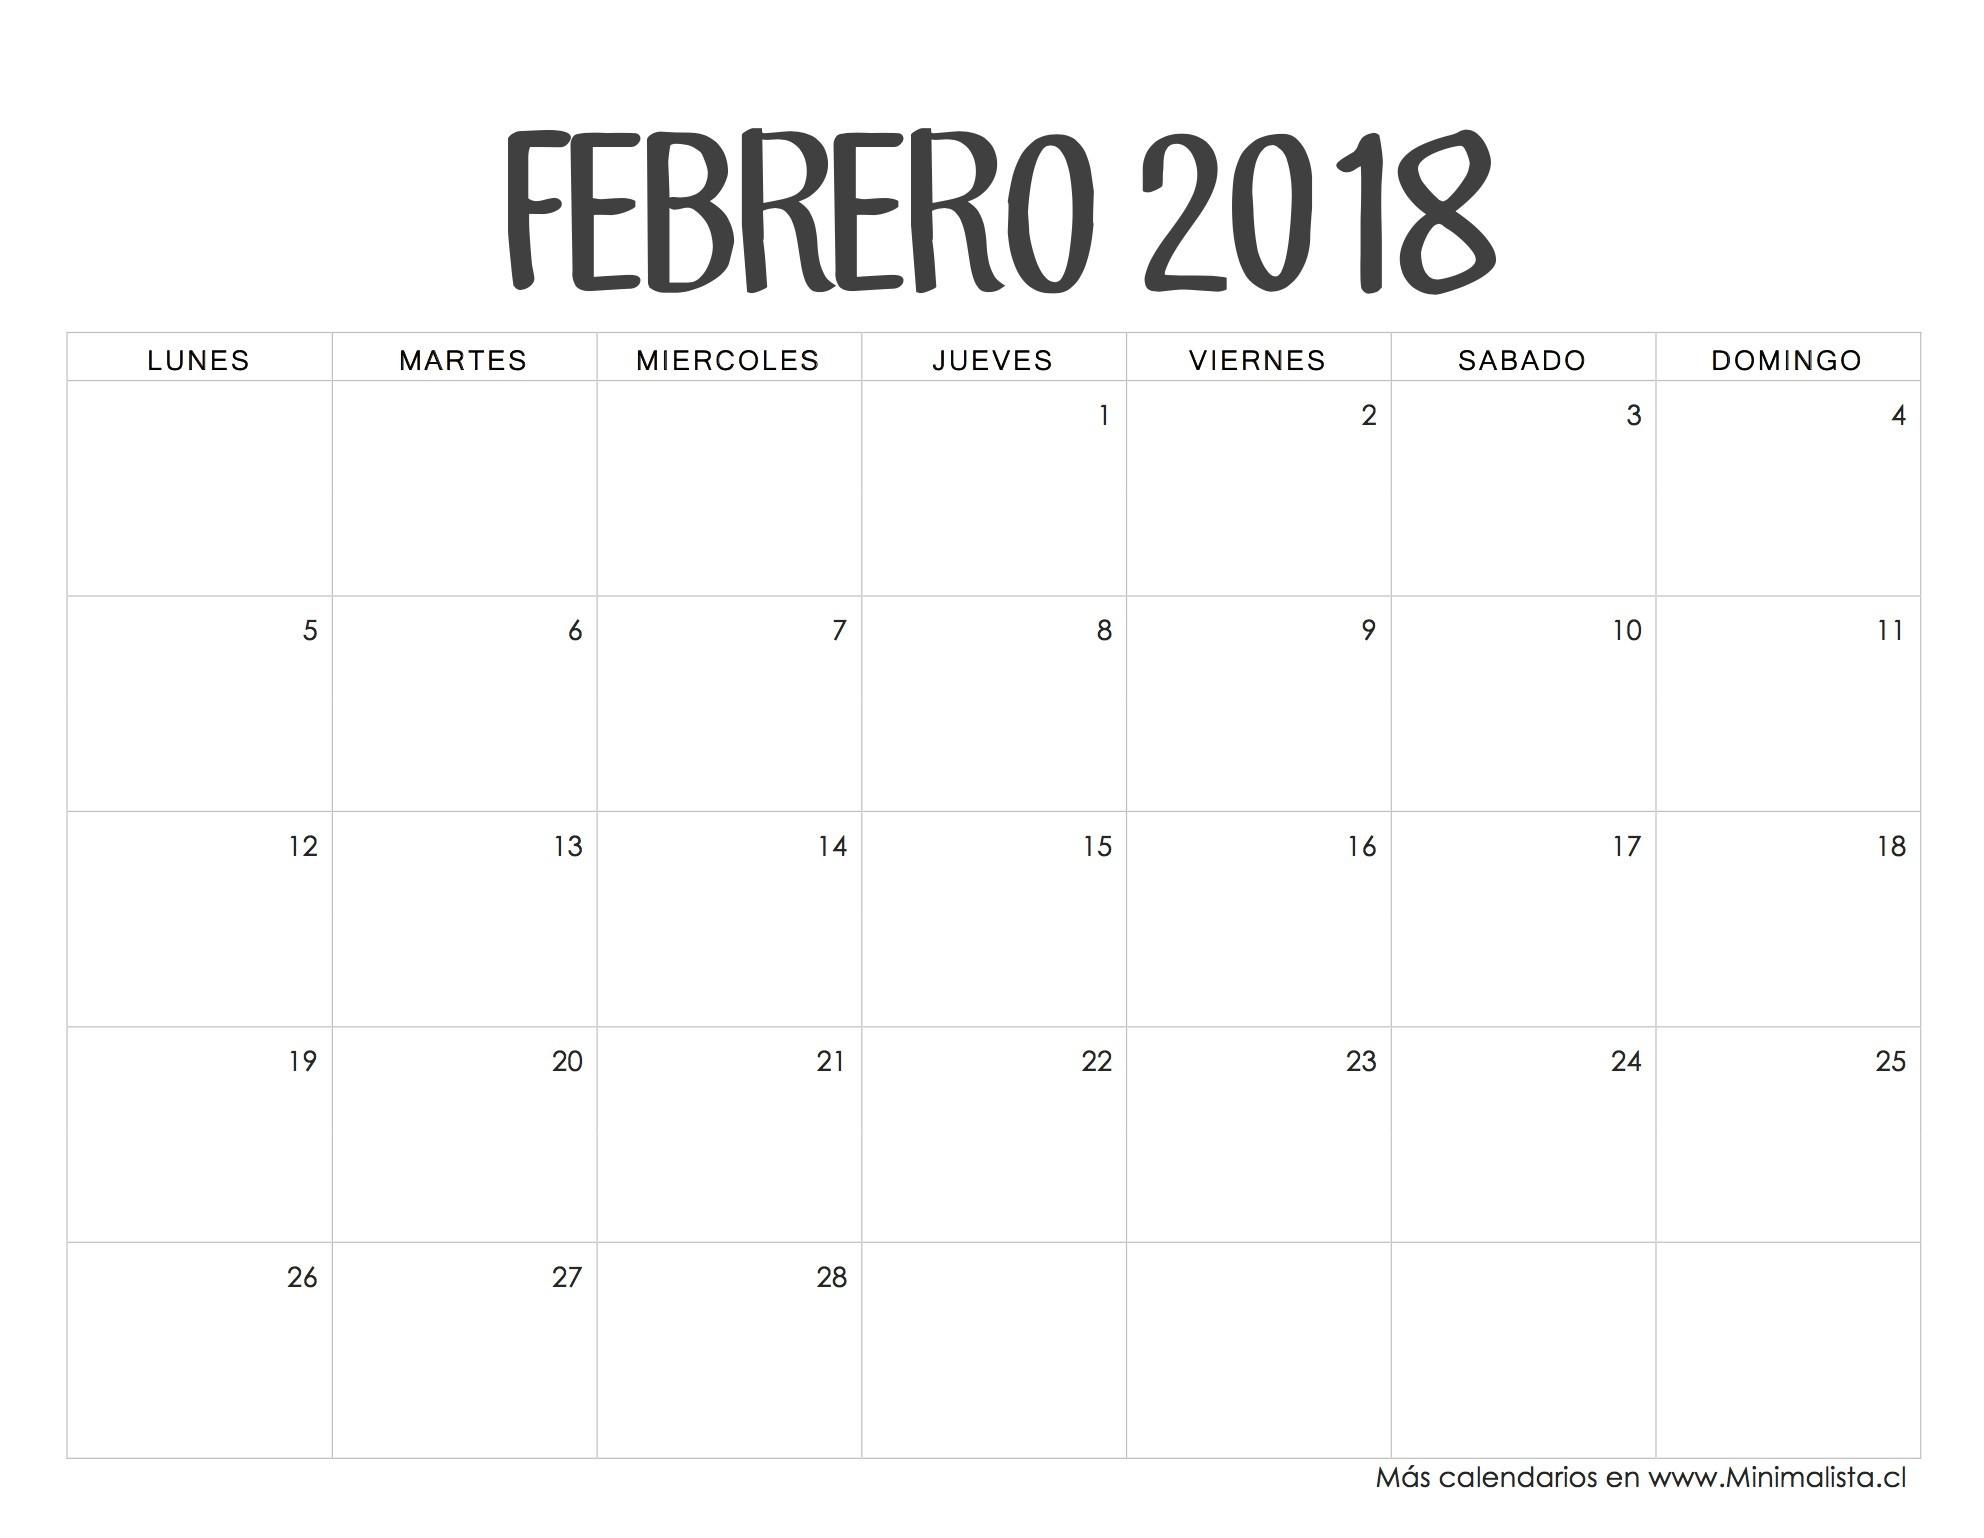 Calendario Enero Febrero 2018 Chile Más Actual Determinar Calendario Septiembre 2019 Para Imprimir Mexico Of Calendario Enero Febrero 2018 Chile Más Reciente Evaluar Calendario 2017 Para Imprimir Con Feriados En Argentina